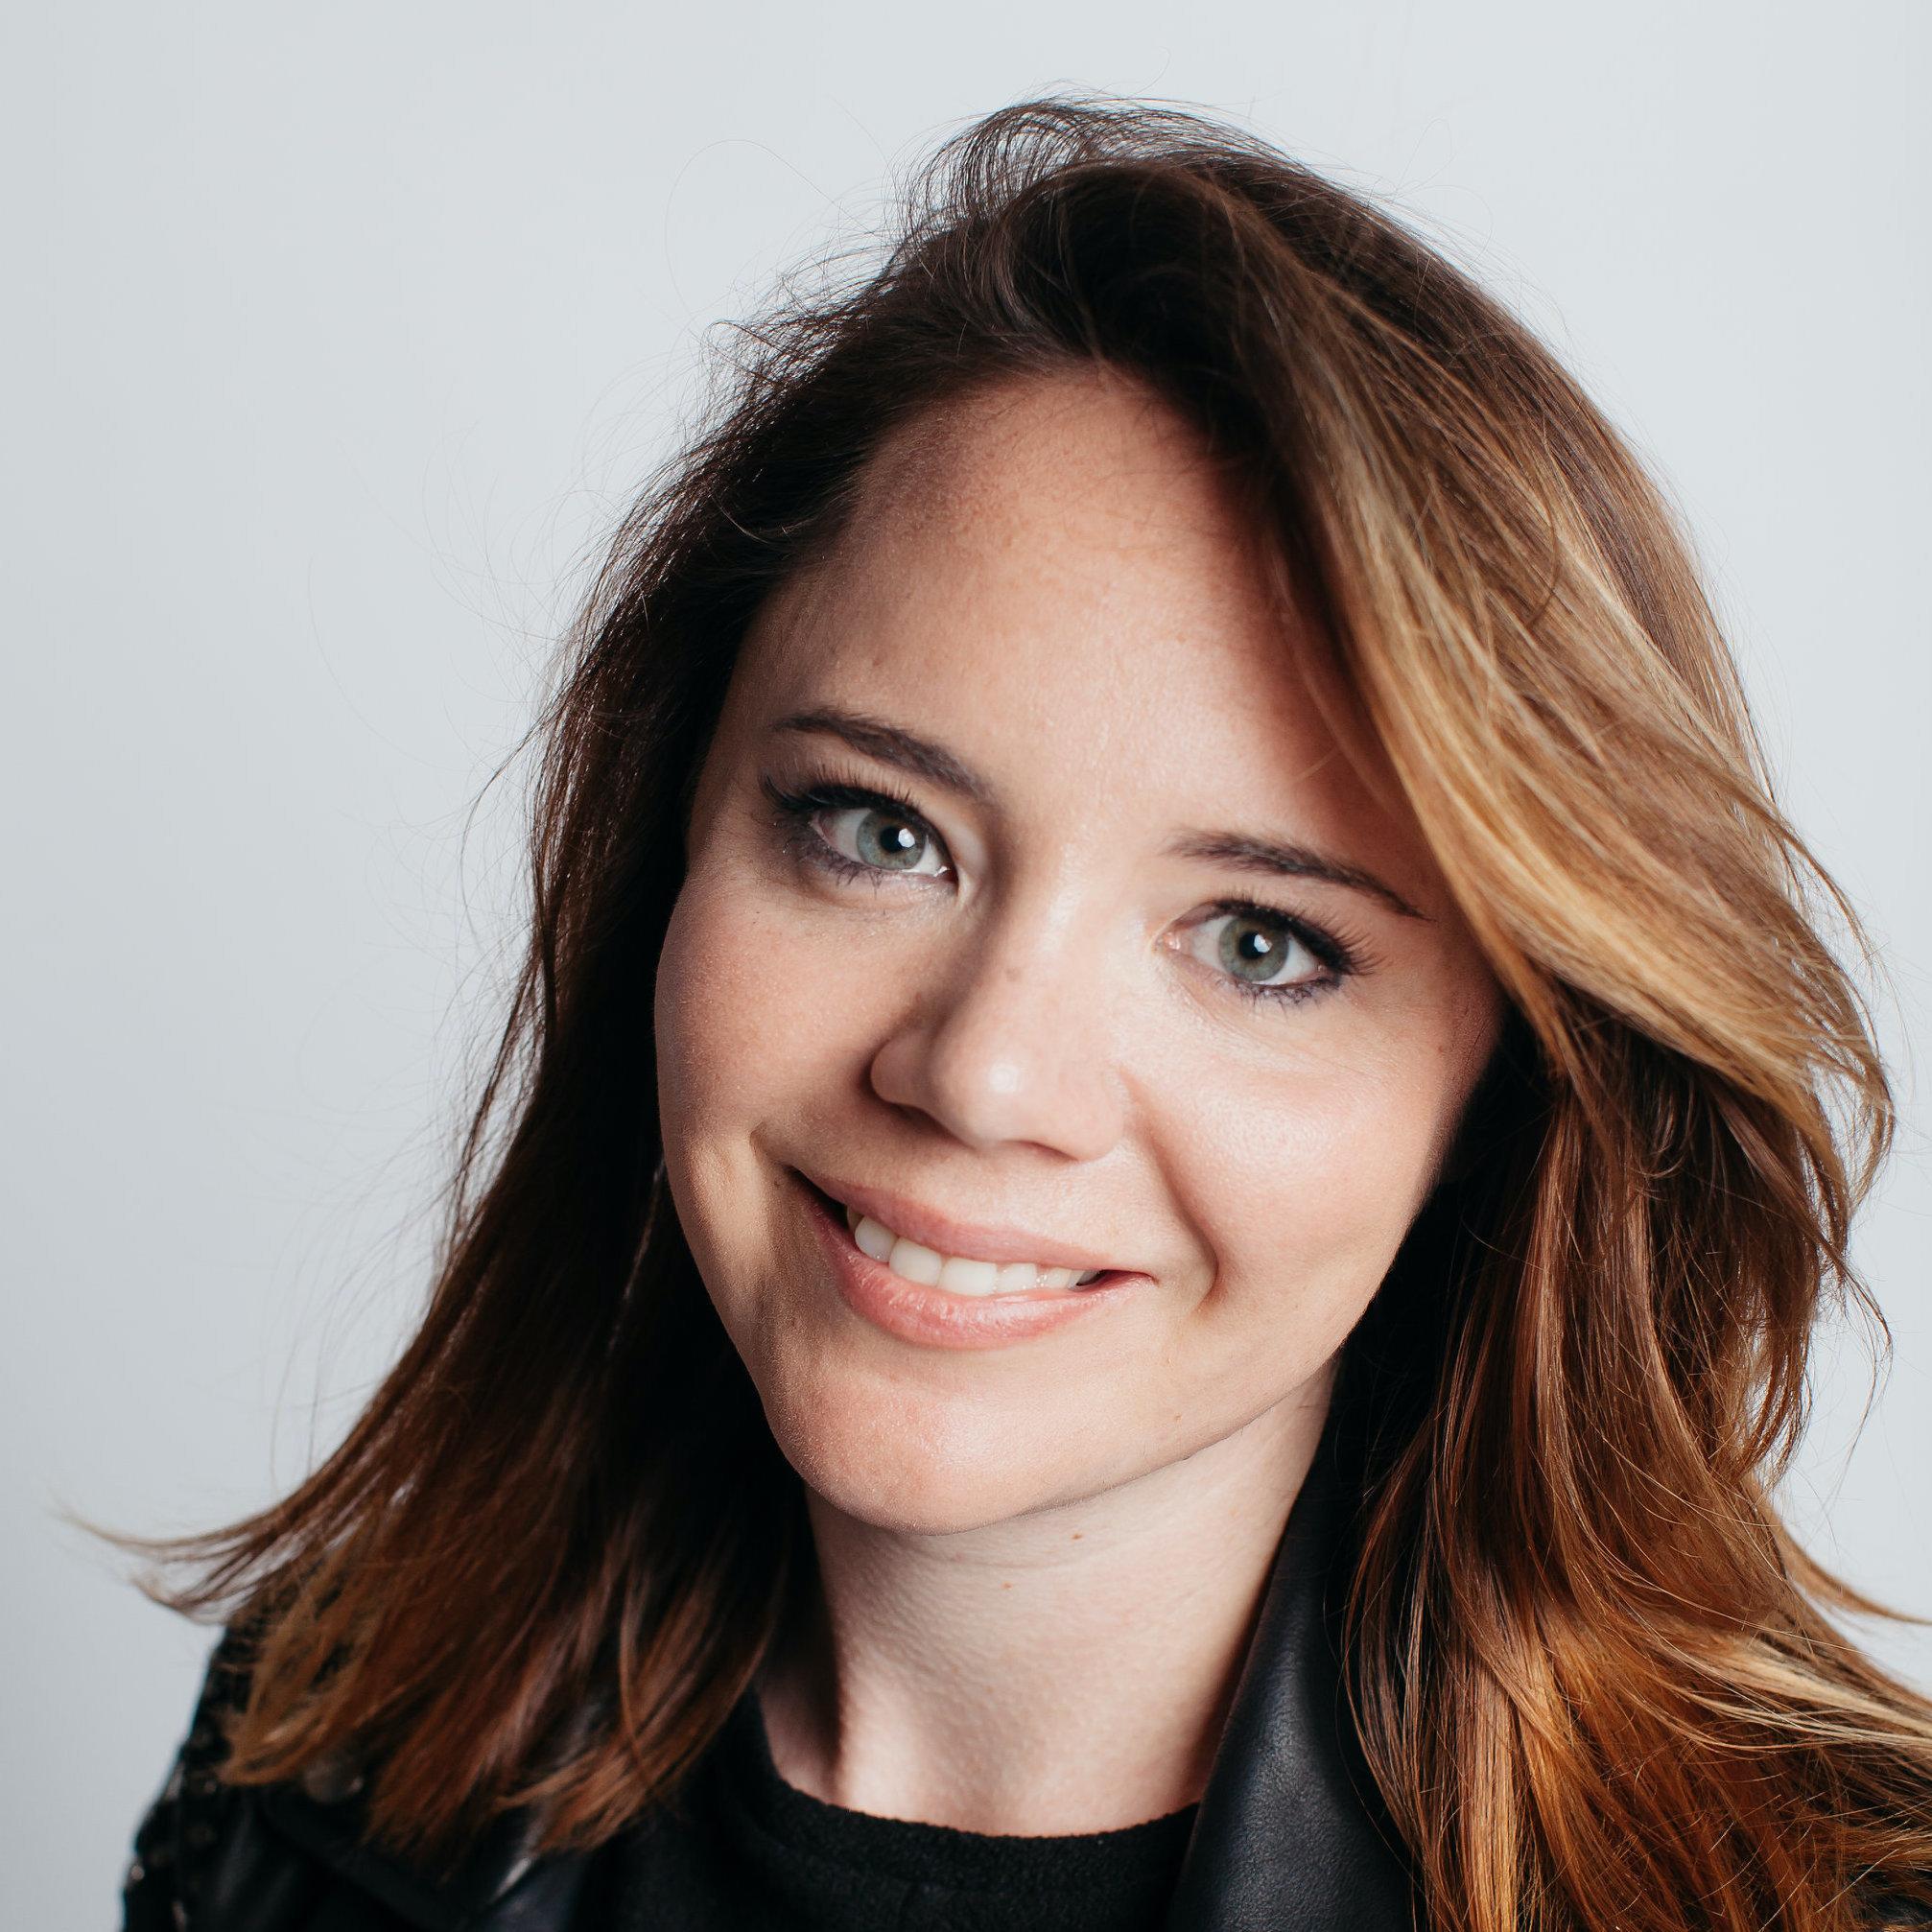 Rachel Bubis